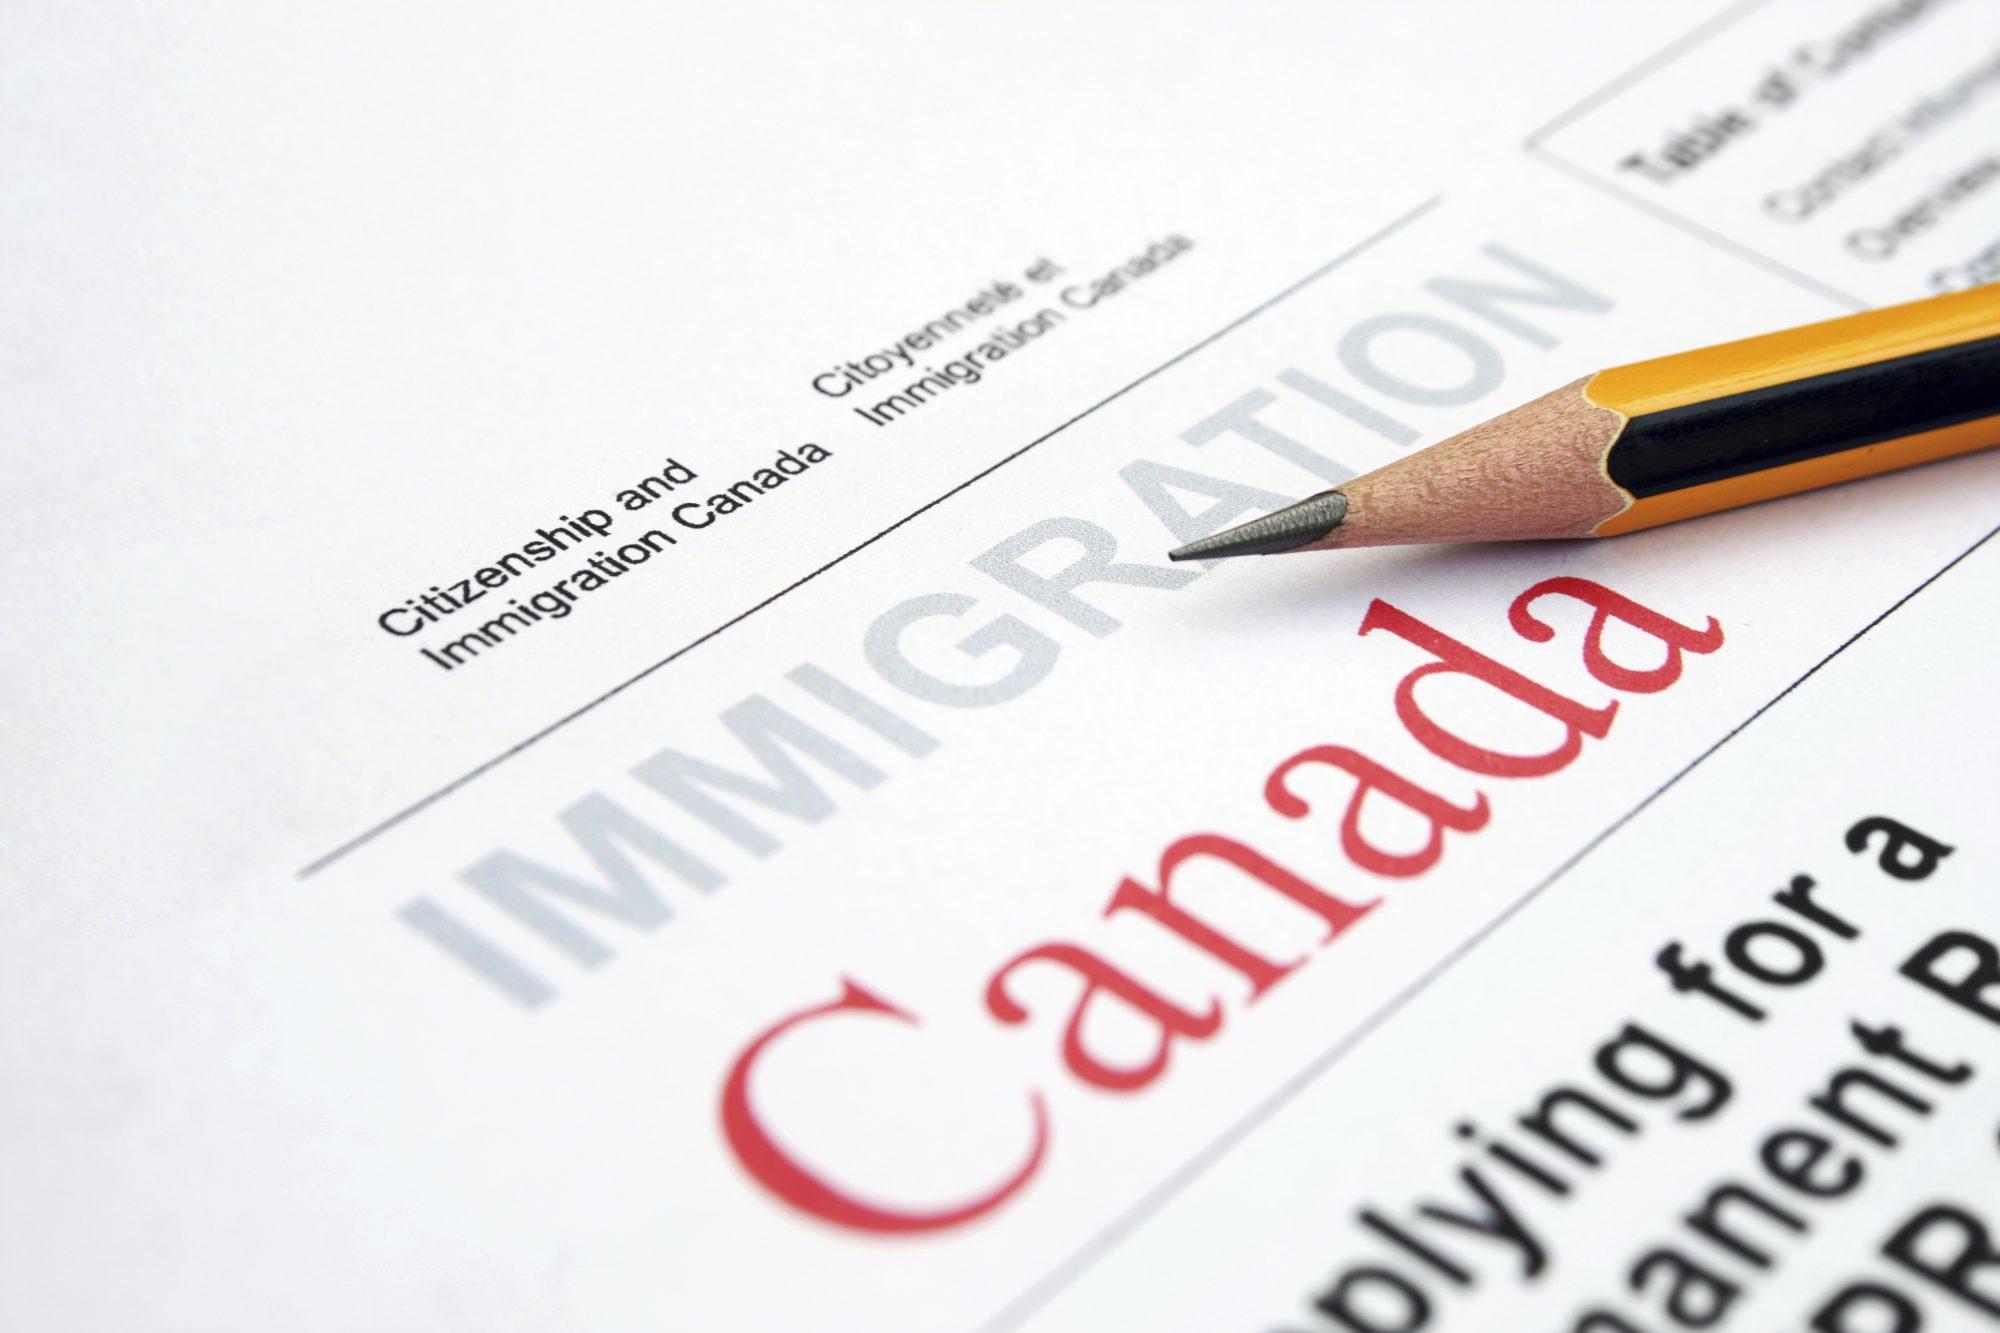 Правила и законы для получения ВНЖ в Канаде